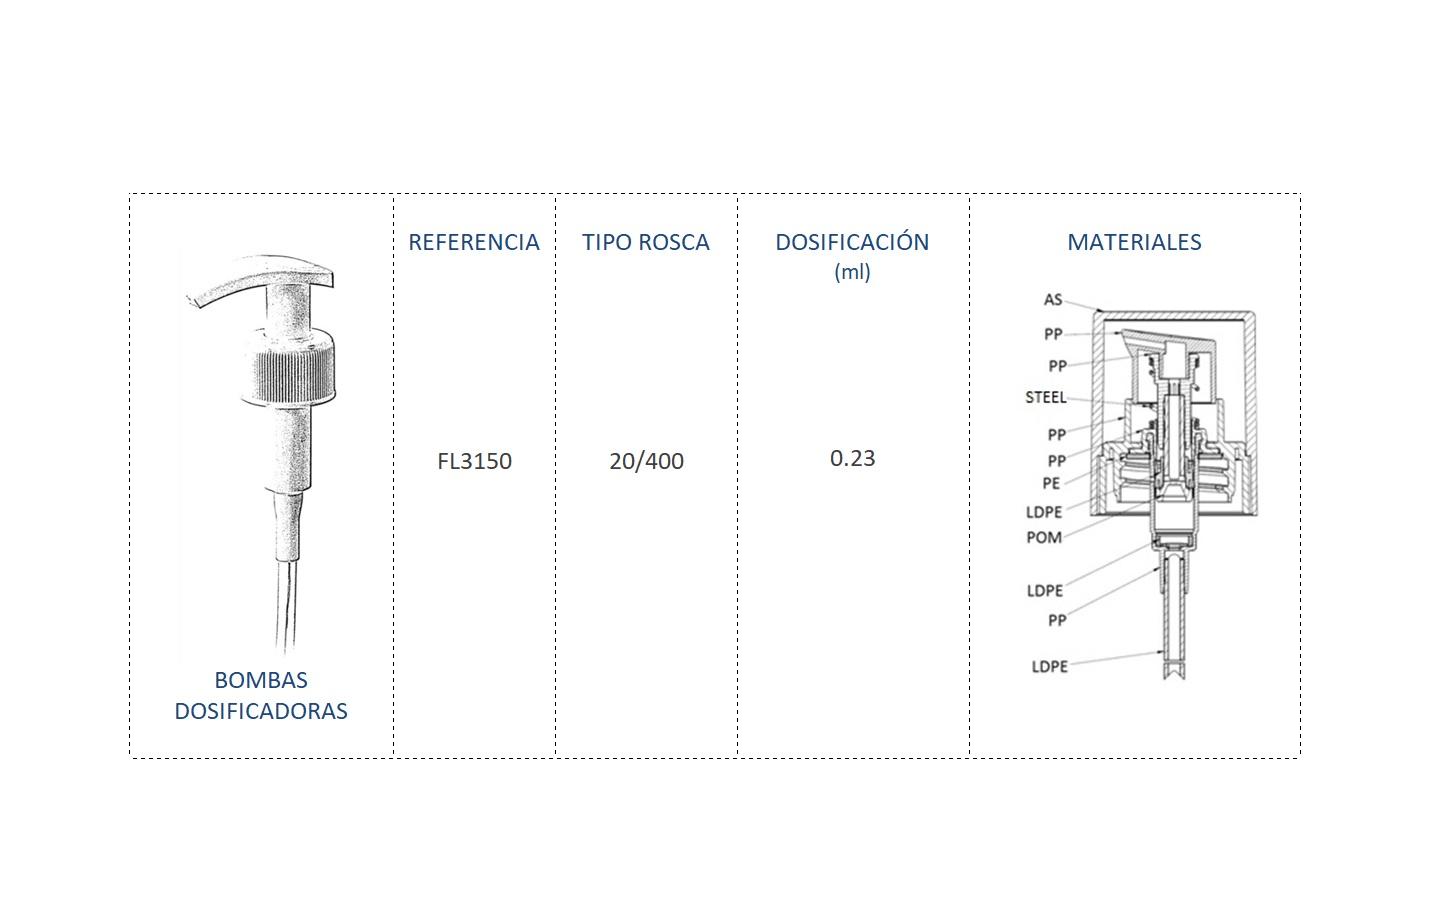 Cuadro Materiales bomba dosificadora FL3150